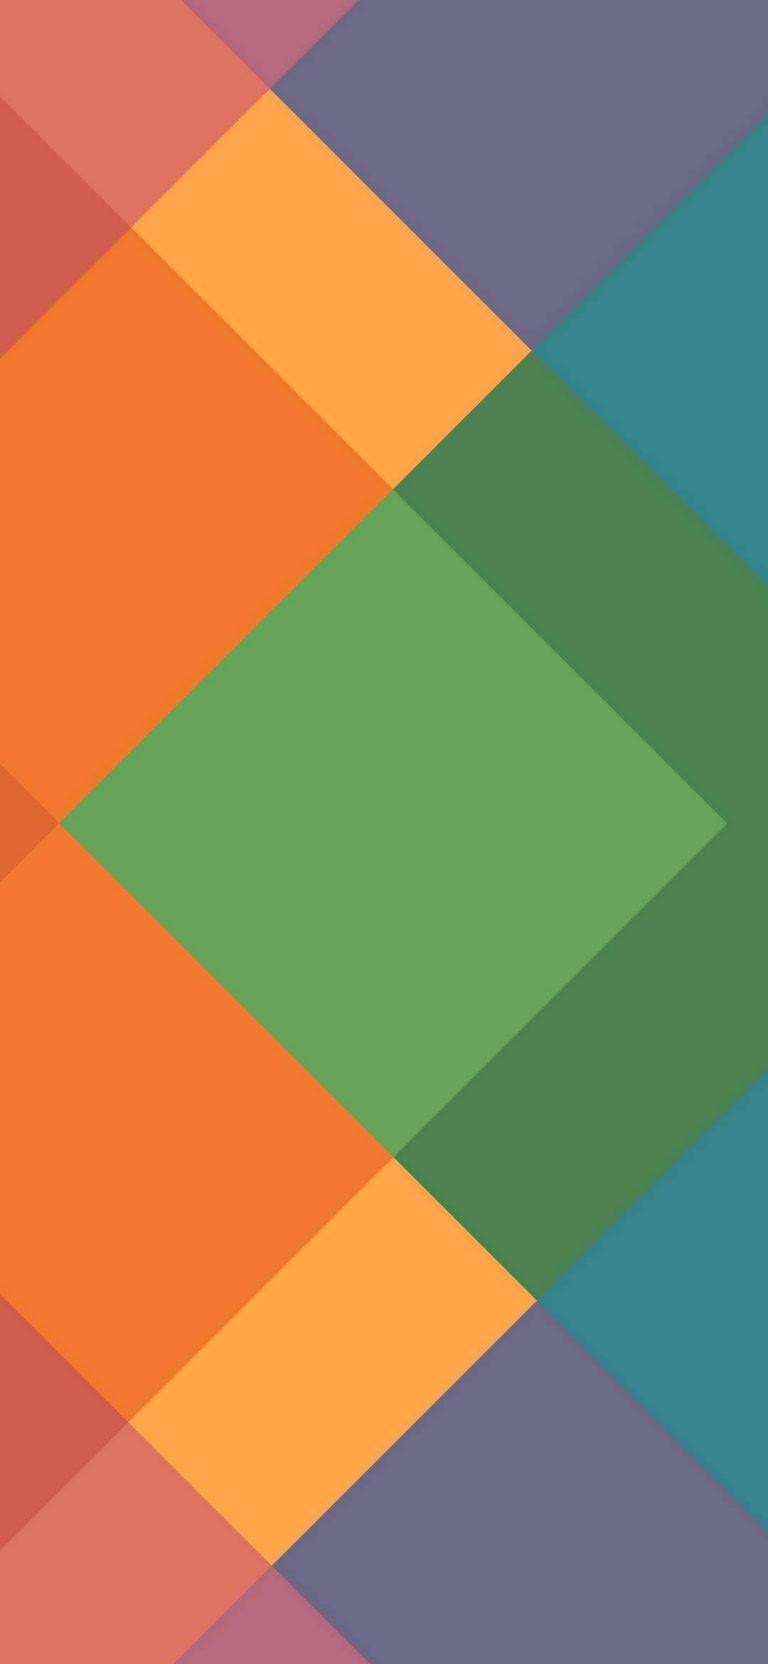 1080x2340 Wallpaper 101 768x1664